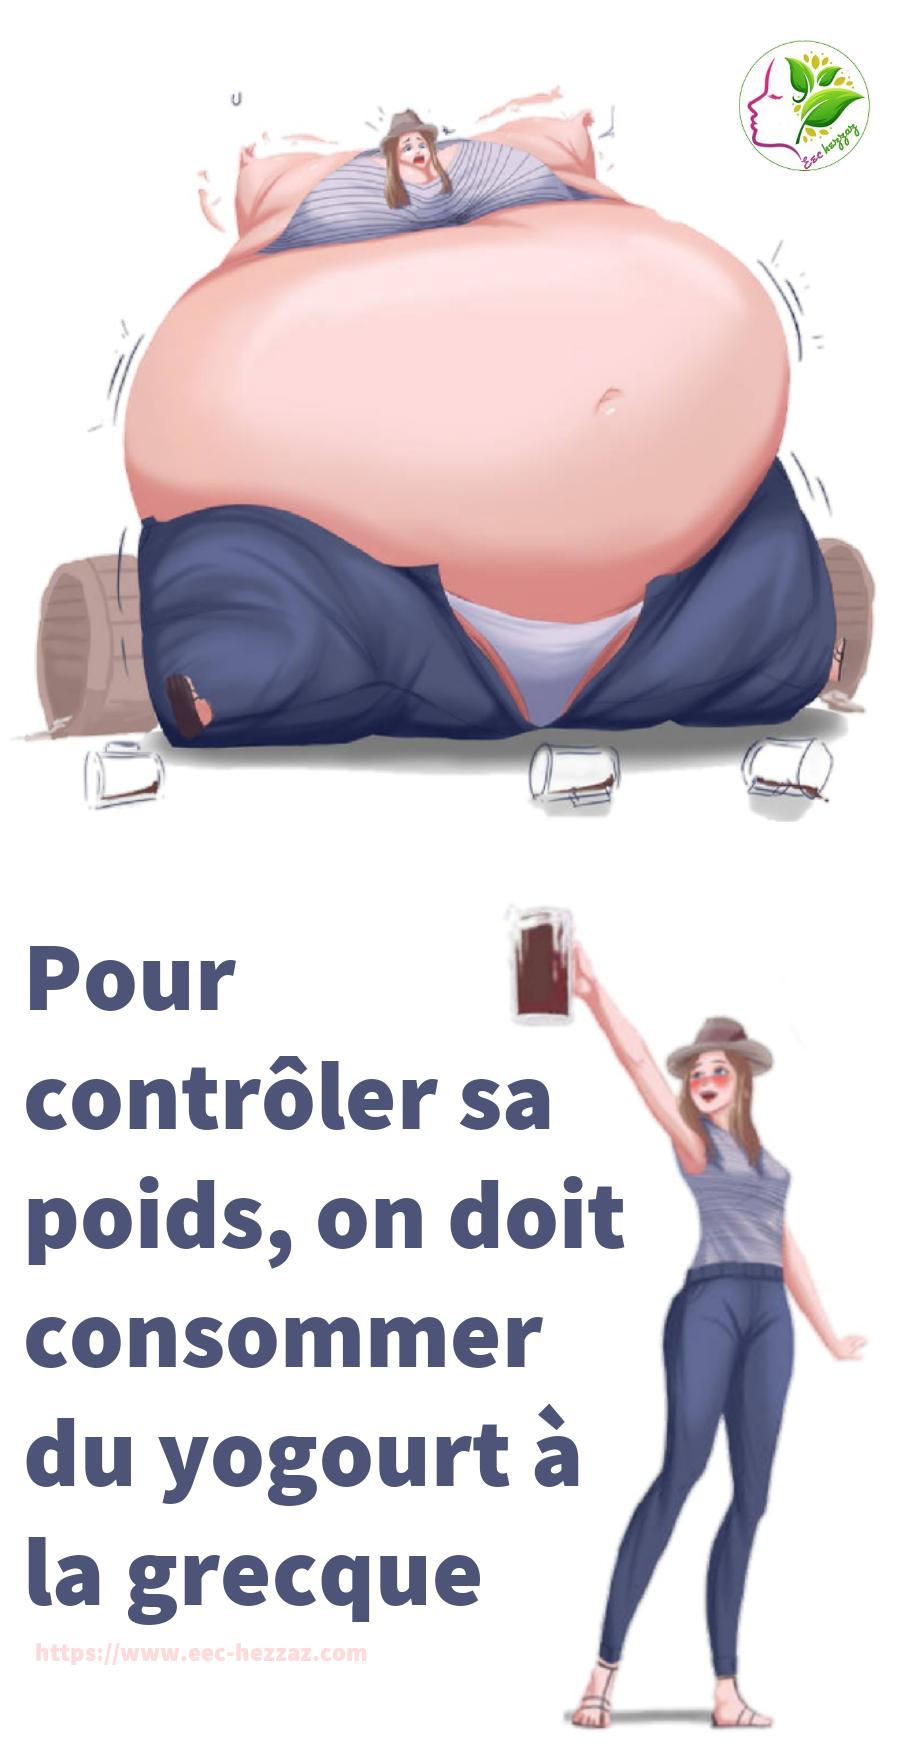 Pour contrôler sa poids, on doit consommer du yogourt à la grecque